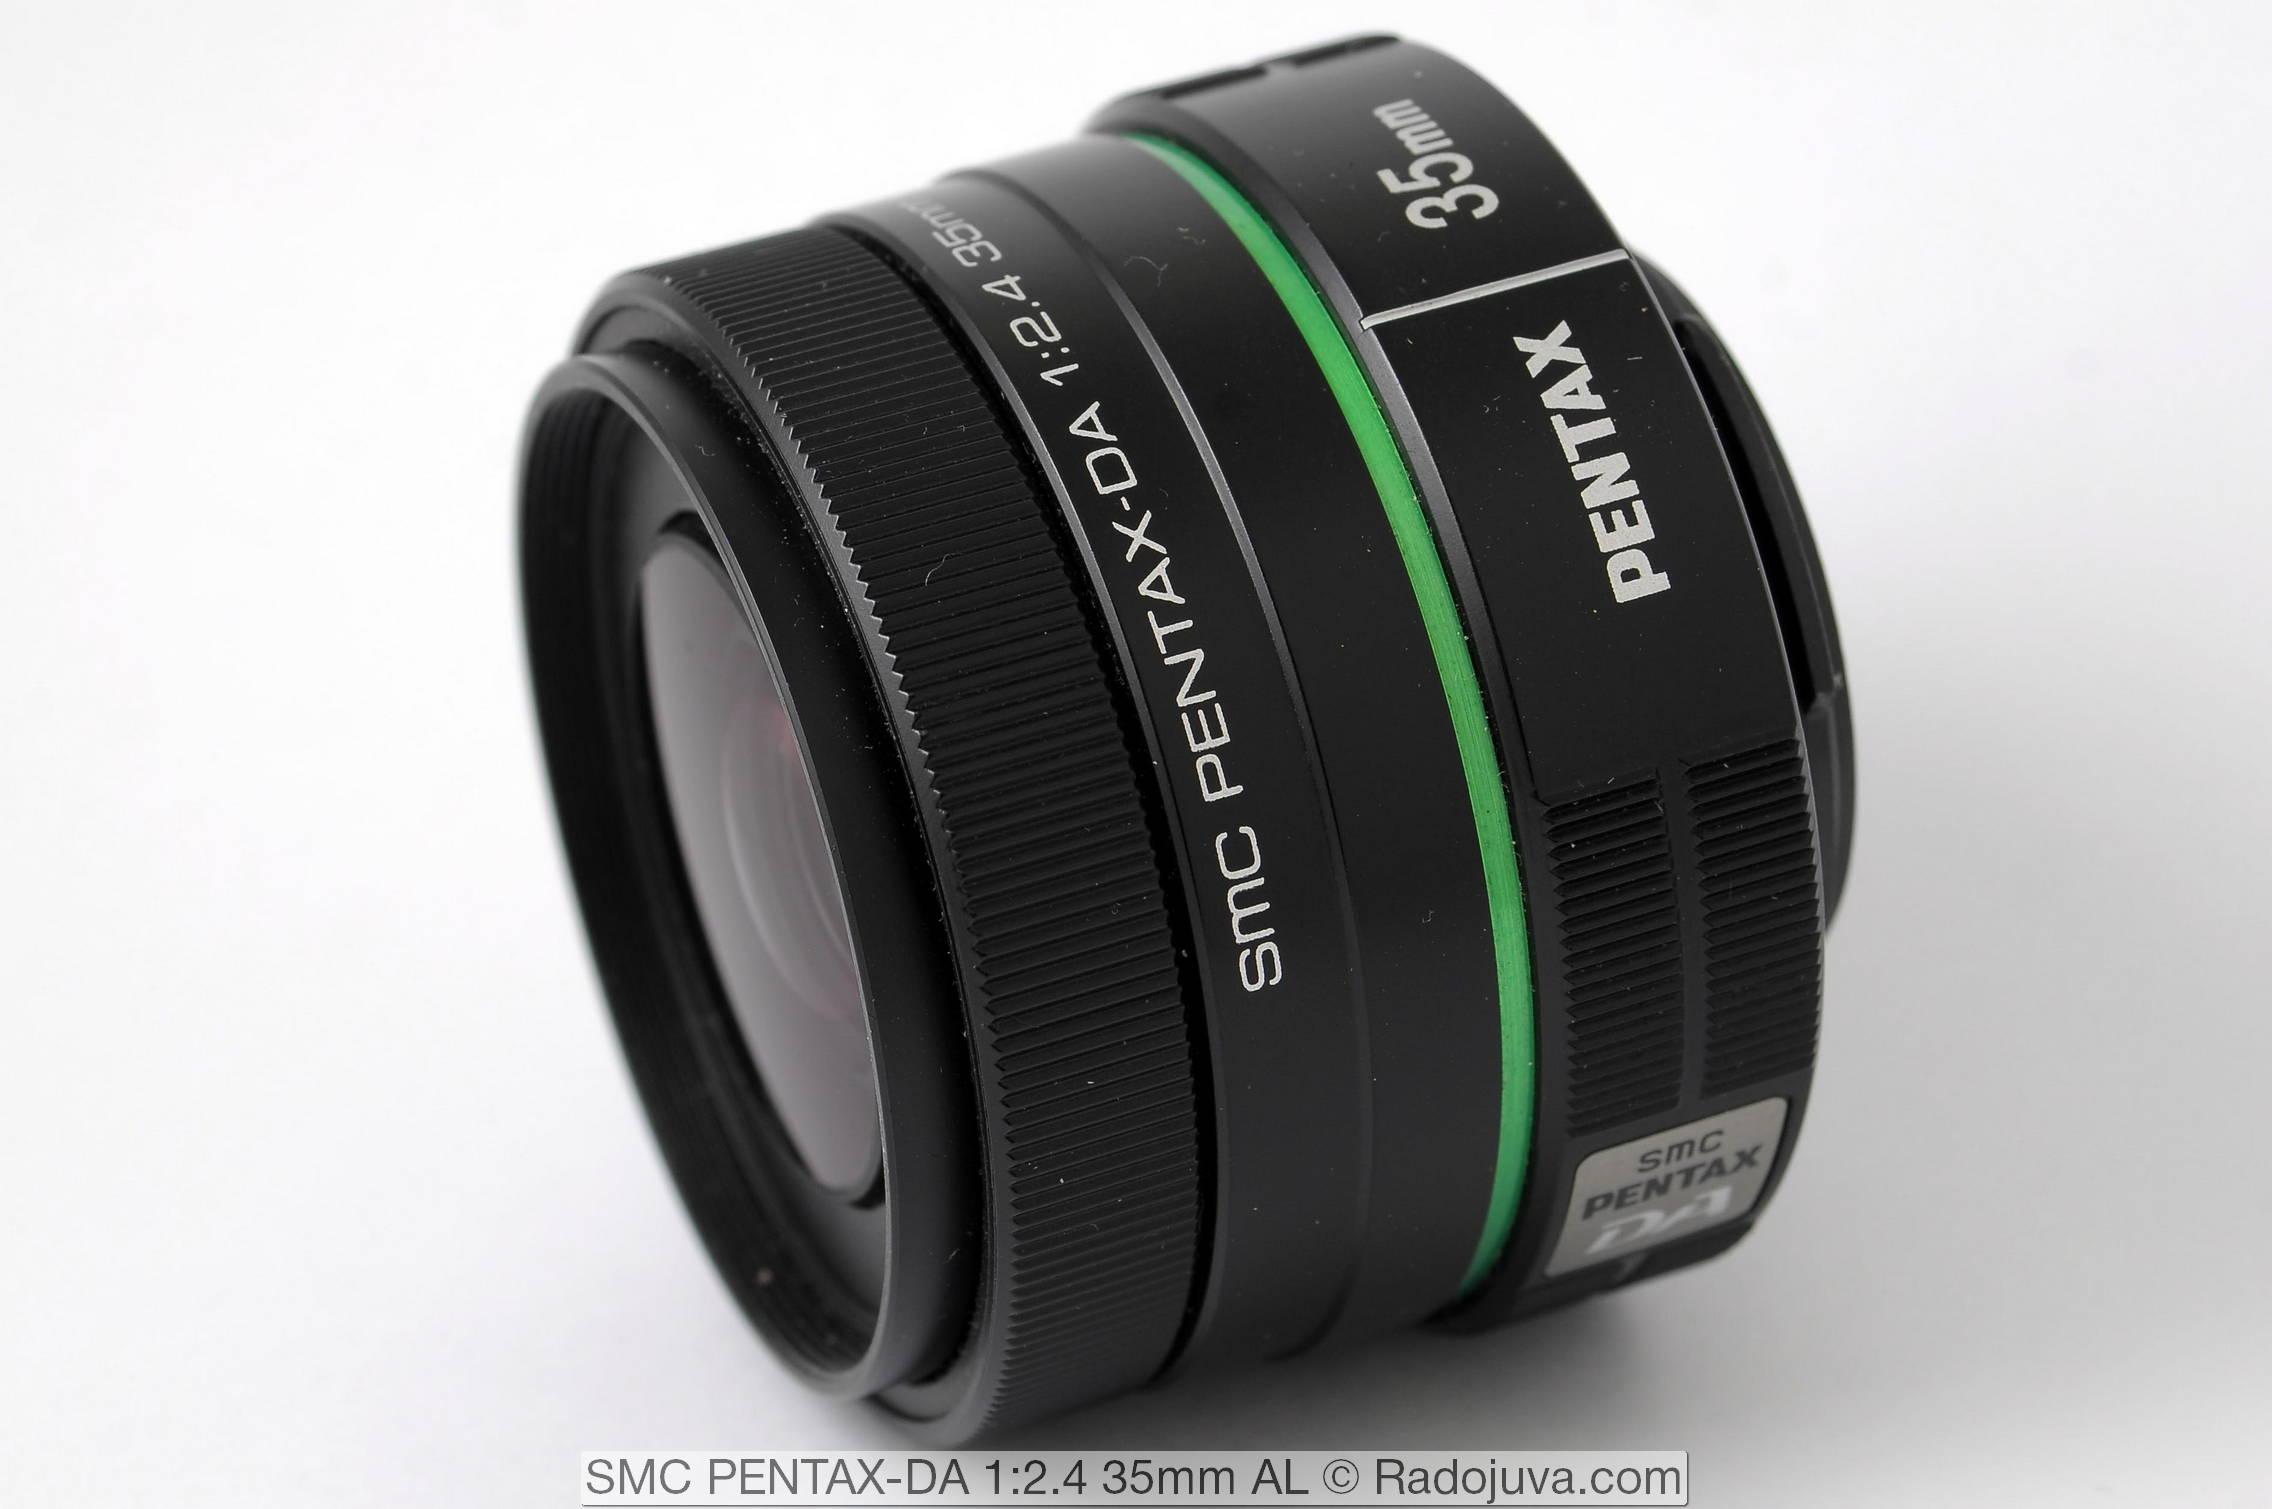 SMC PENTAX-DA 1:2.4 35mm AL